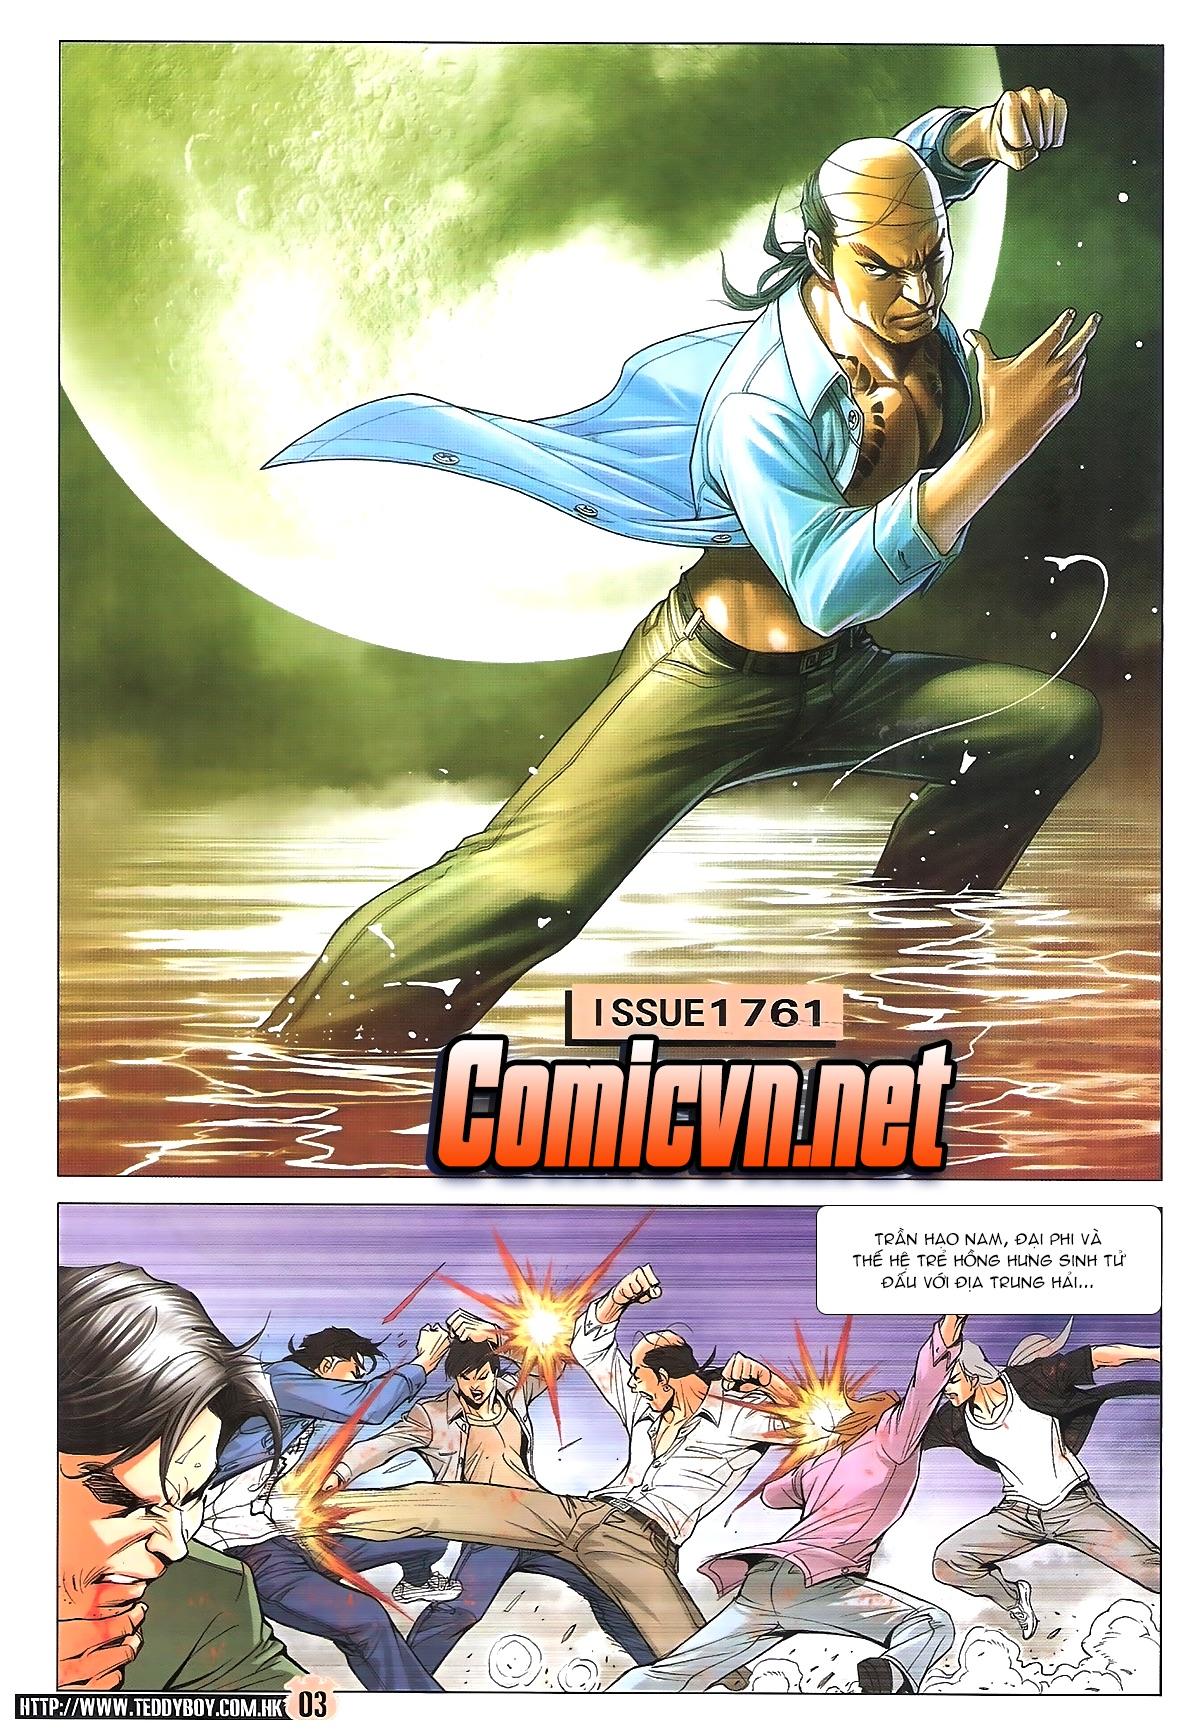 Người Trong Giang Hồ chapter 1761: thủy chiến trang 2